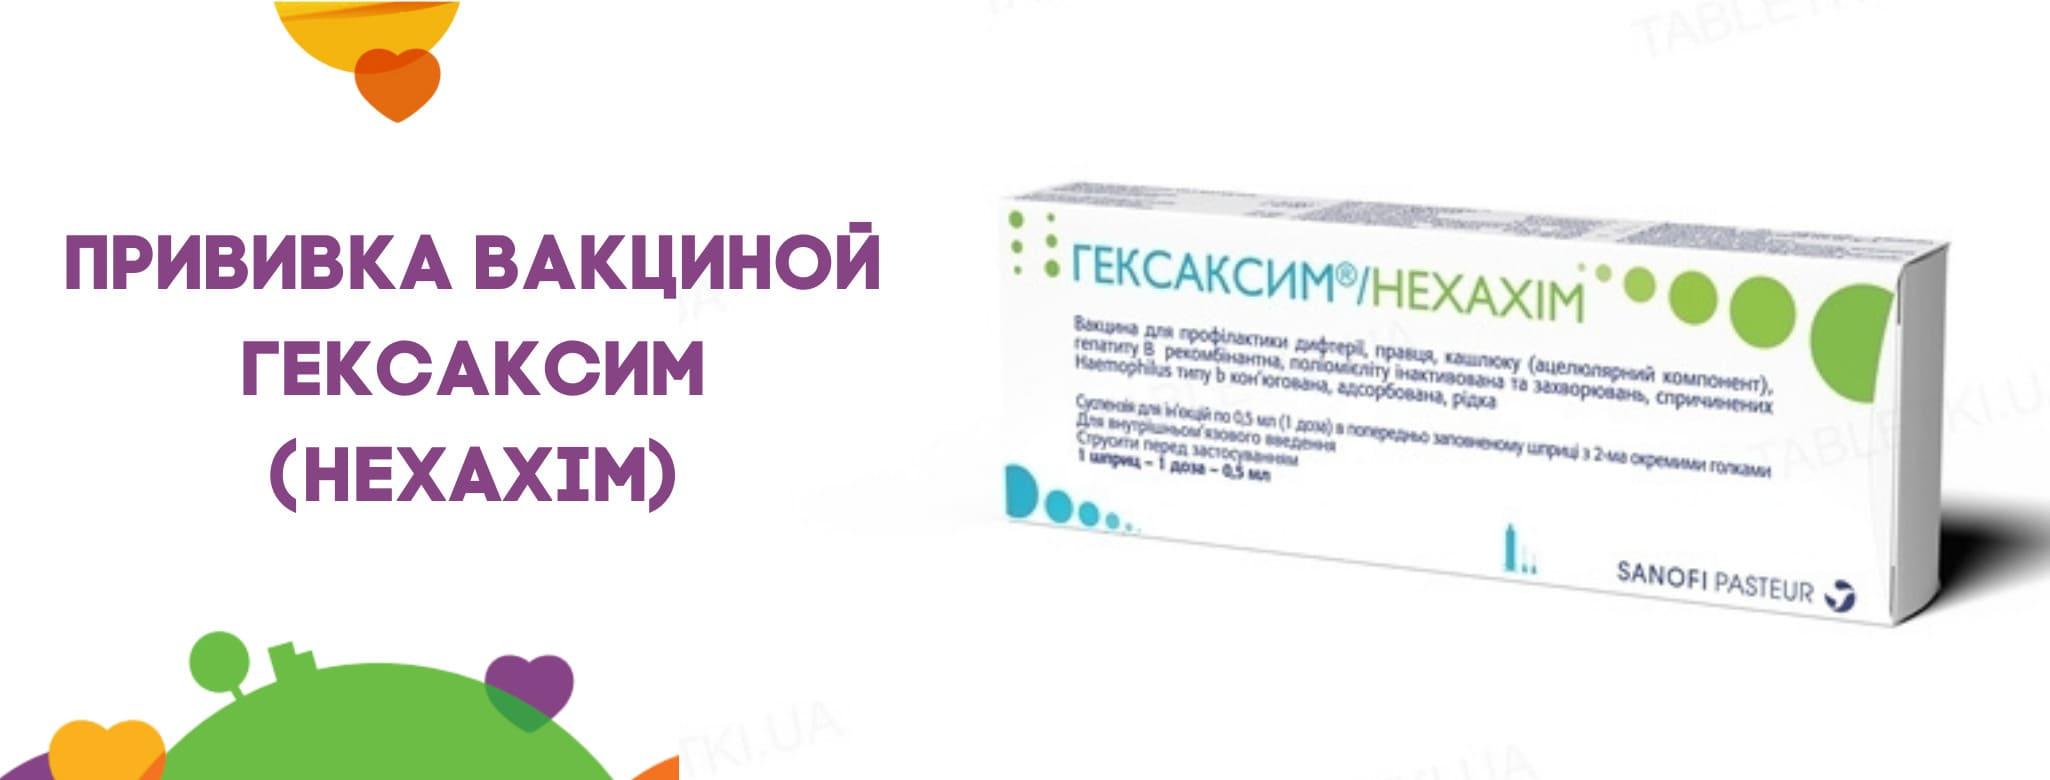 Вакцинация Гексаксим (HEXAXIM)